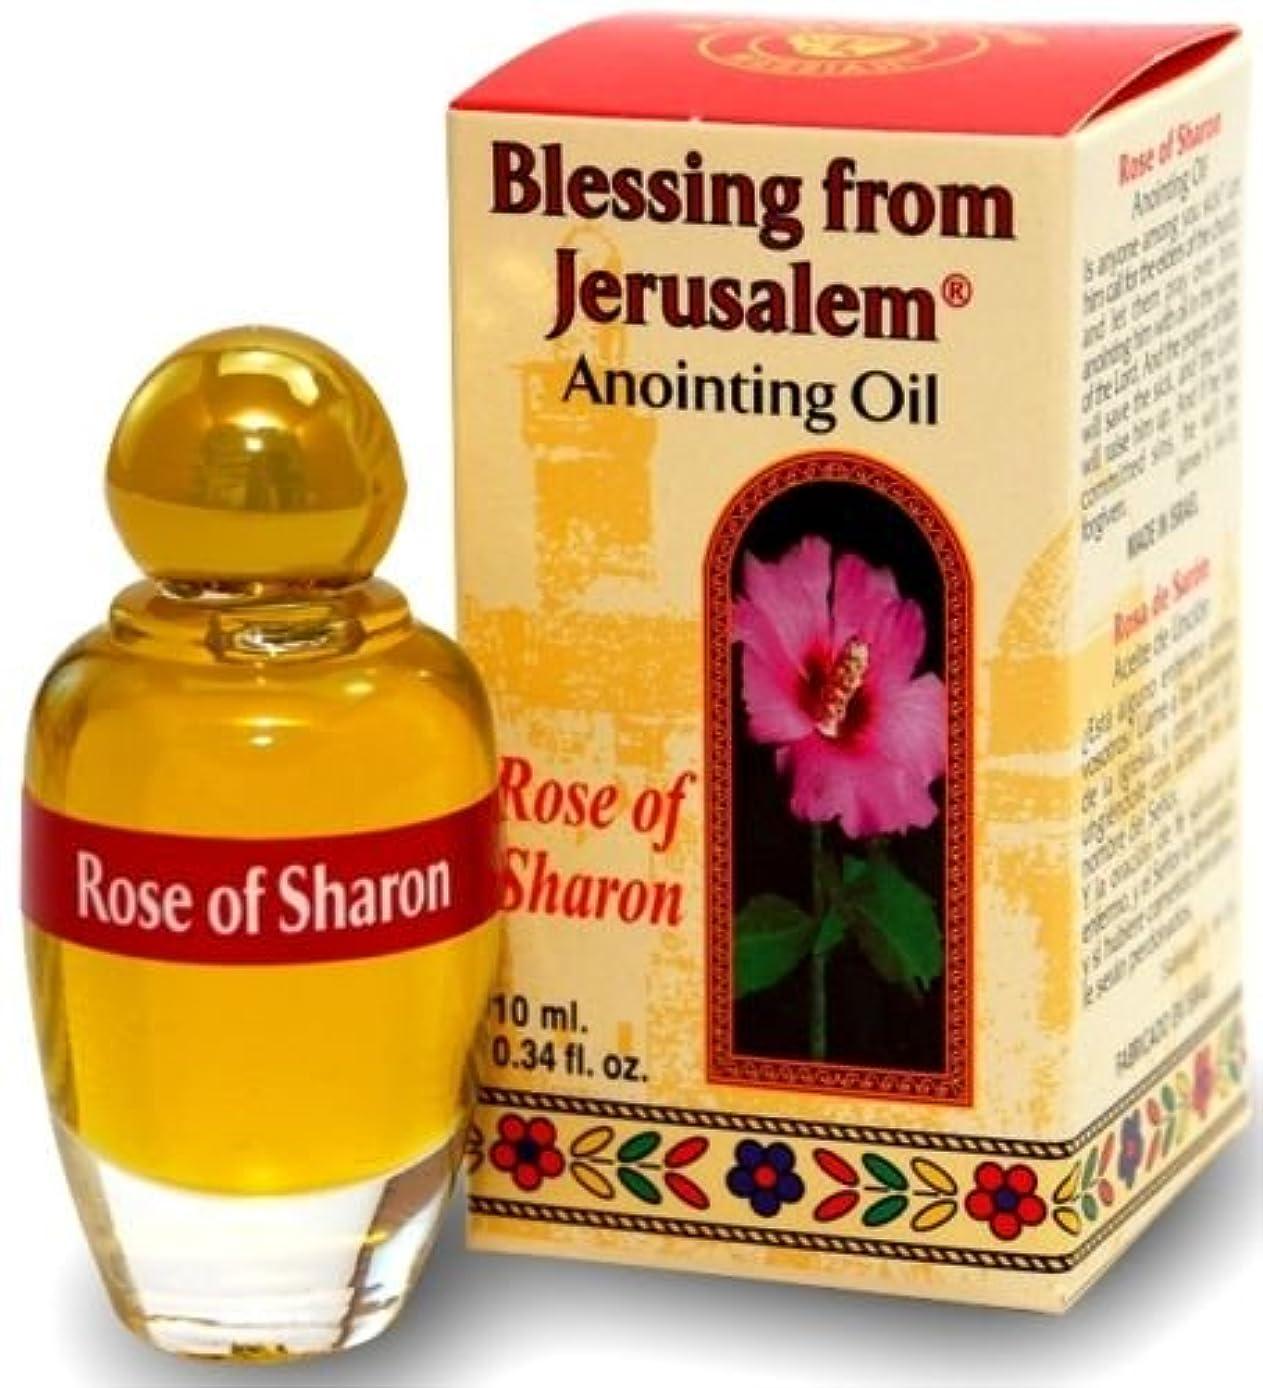 テレマコススクラップ圧力ローズRosa of Sharon AnointingオイルBlessing of Jerusalem Stunning Smell 10 ml byベツレヘムギフトTM